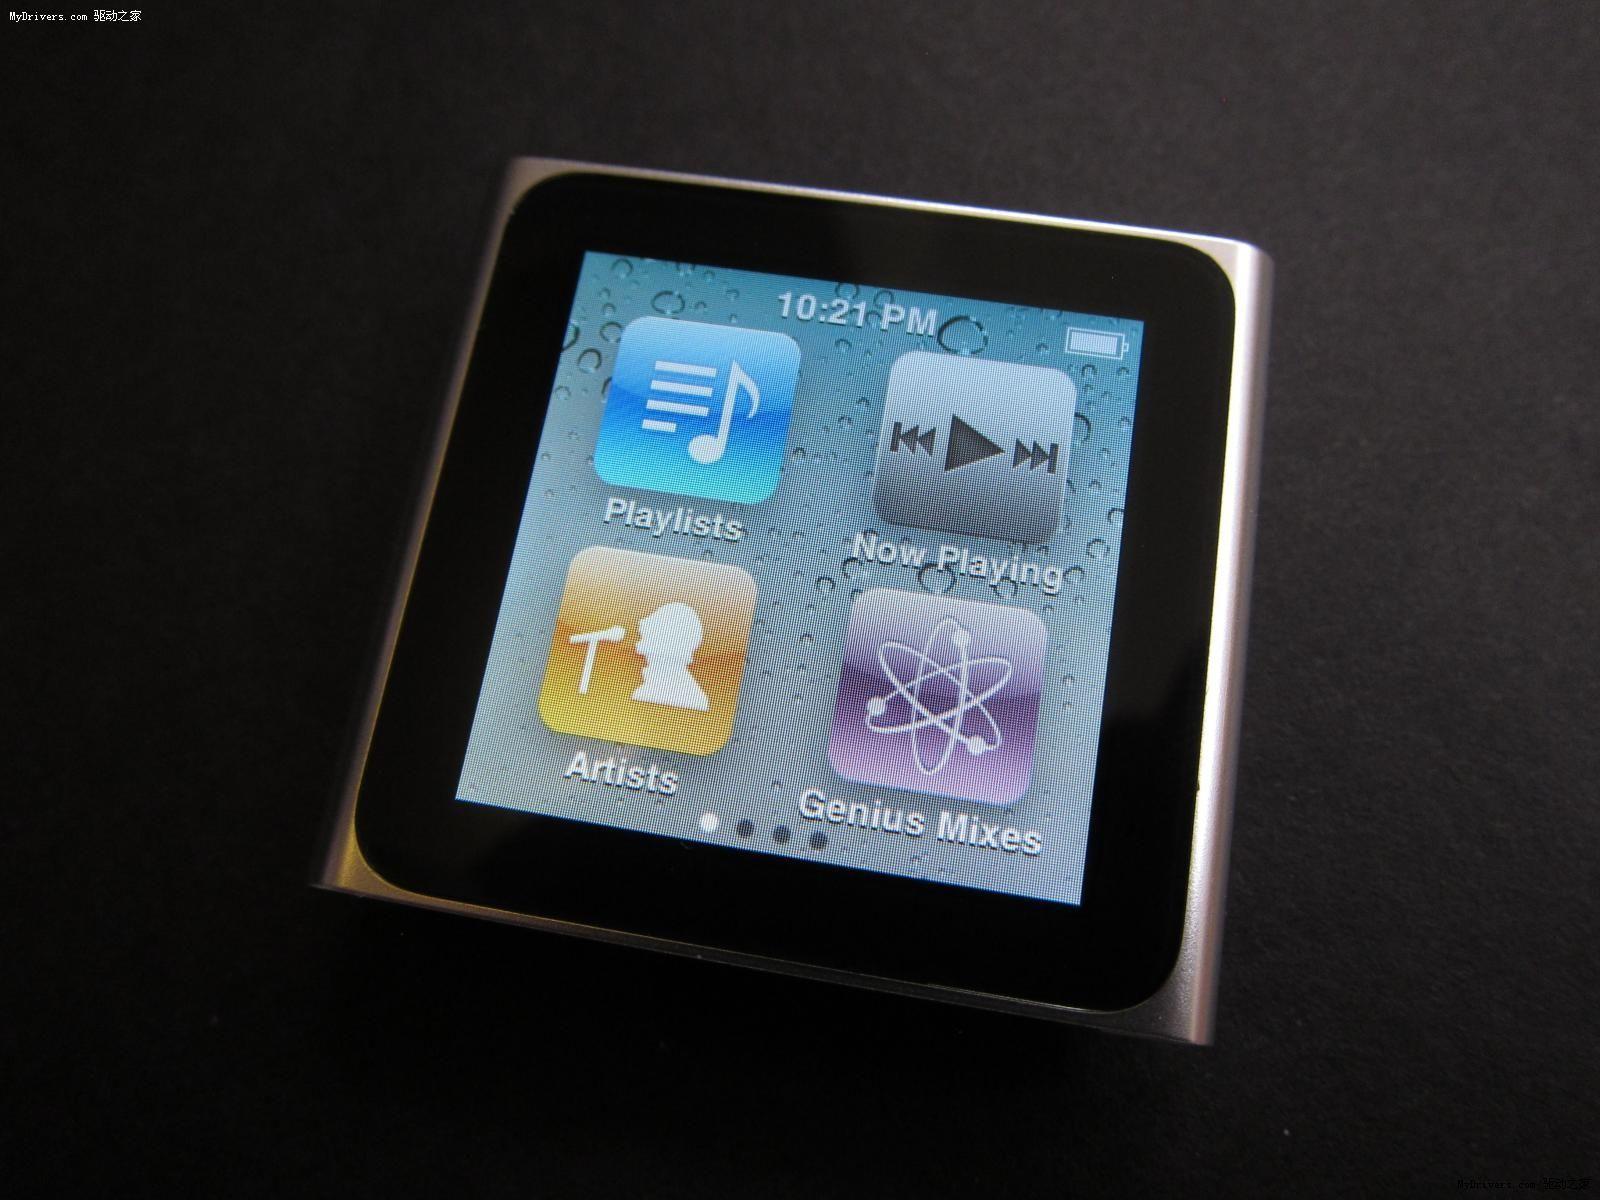 不禁唏嘘!苹果iPod nano 6正式退出历史舞台